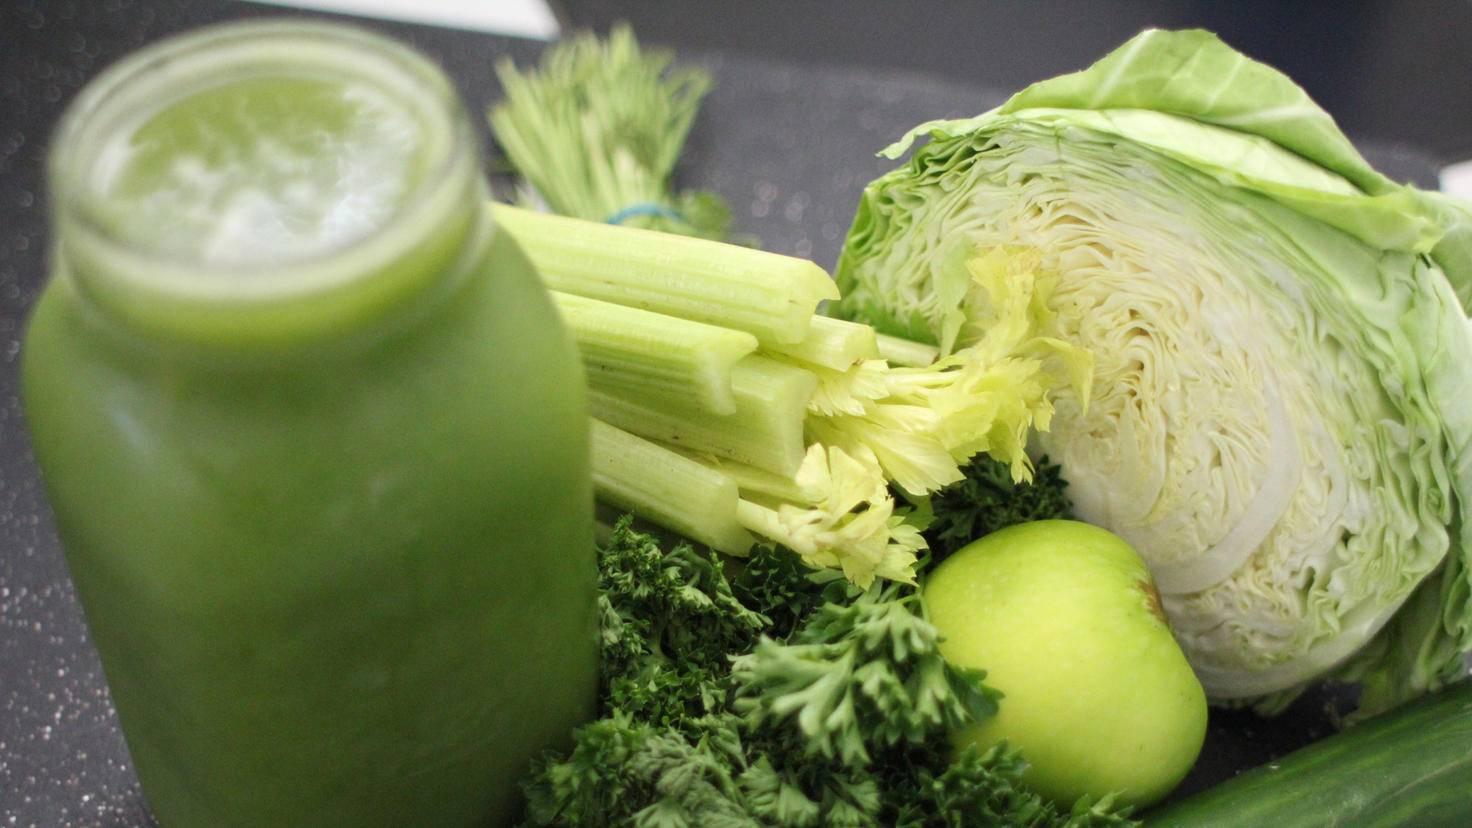 Eine Mischung aus Obst und Gemüse ist gesünder als ein reiner Obstsmoothie.